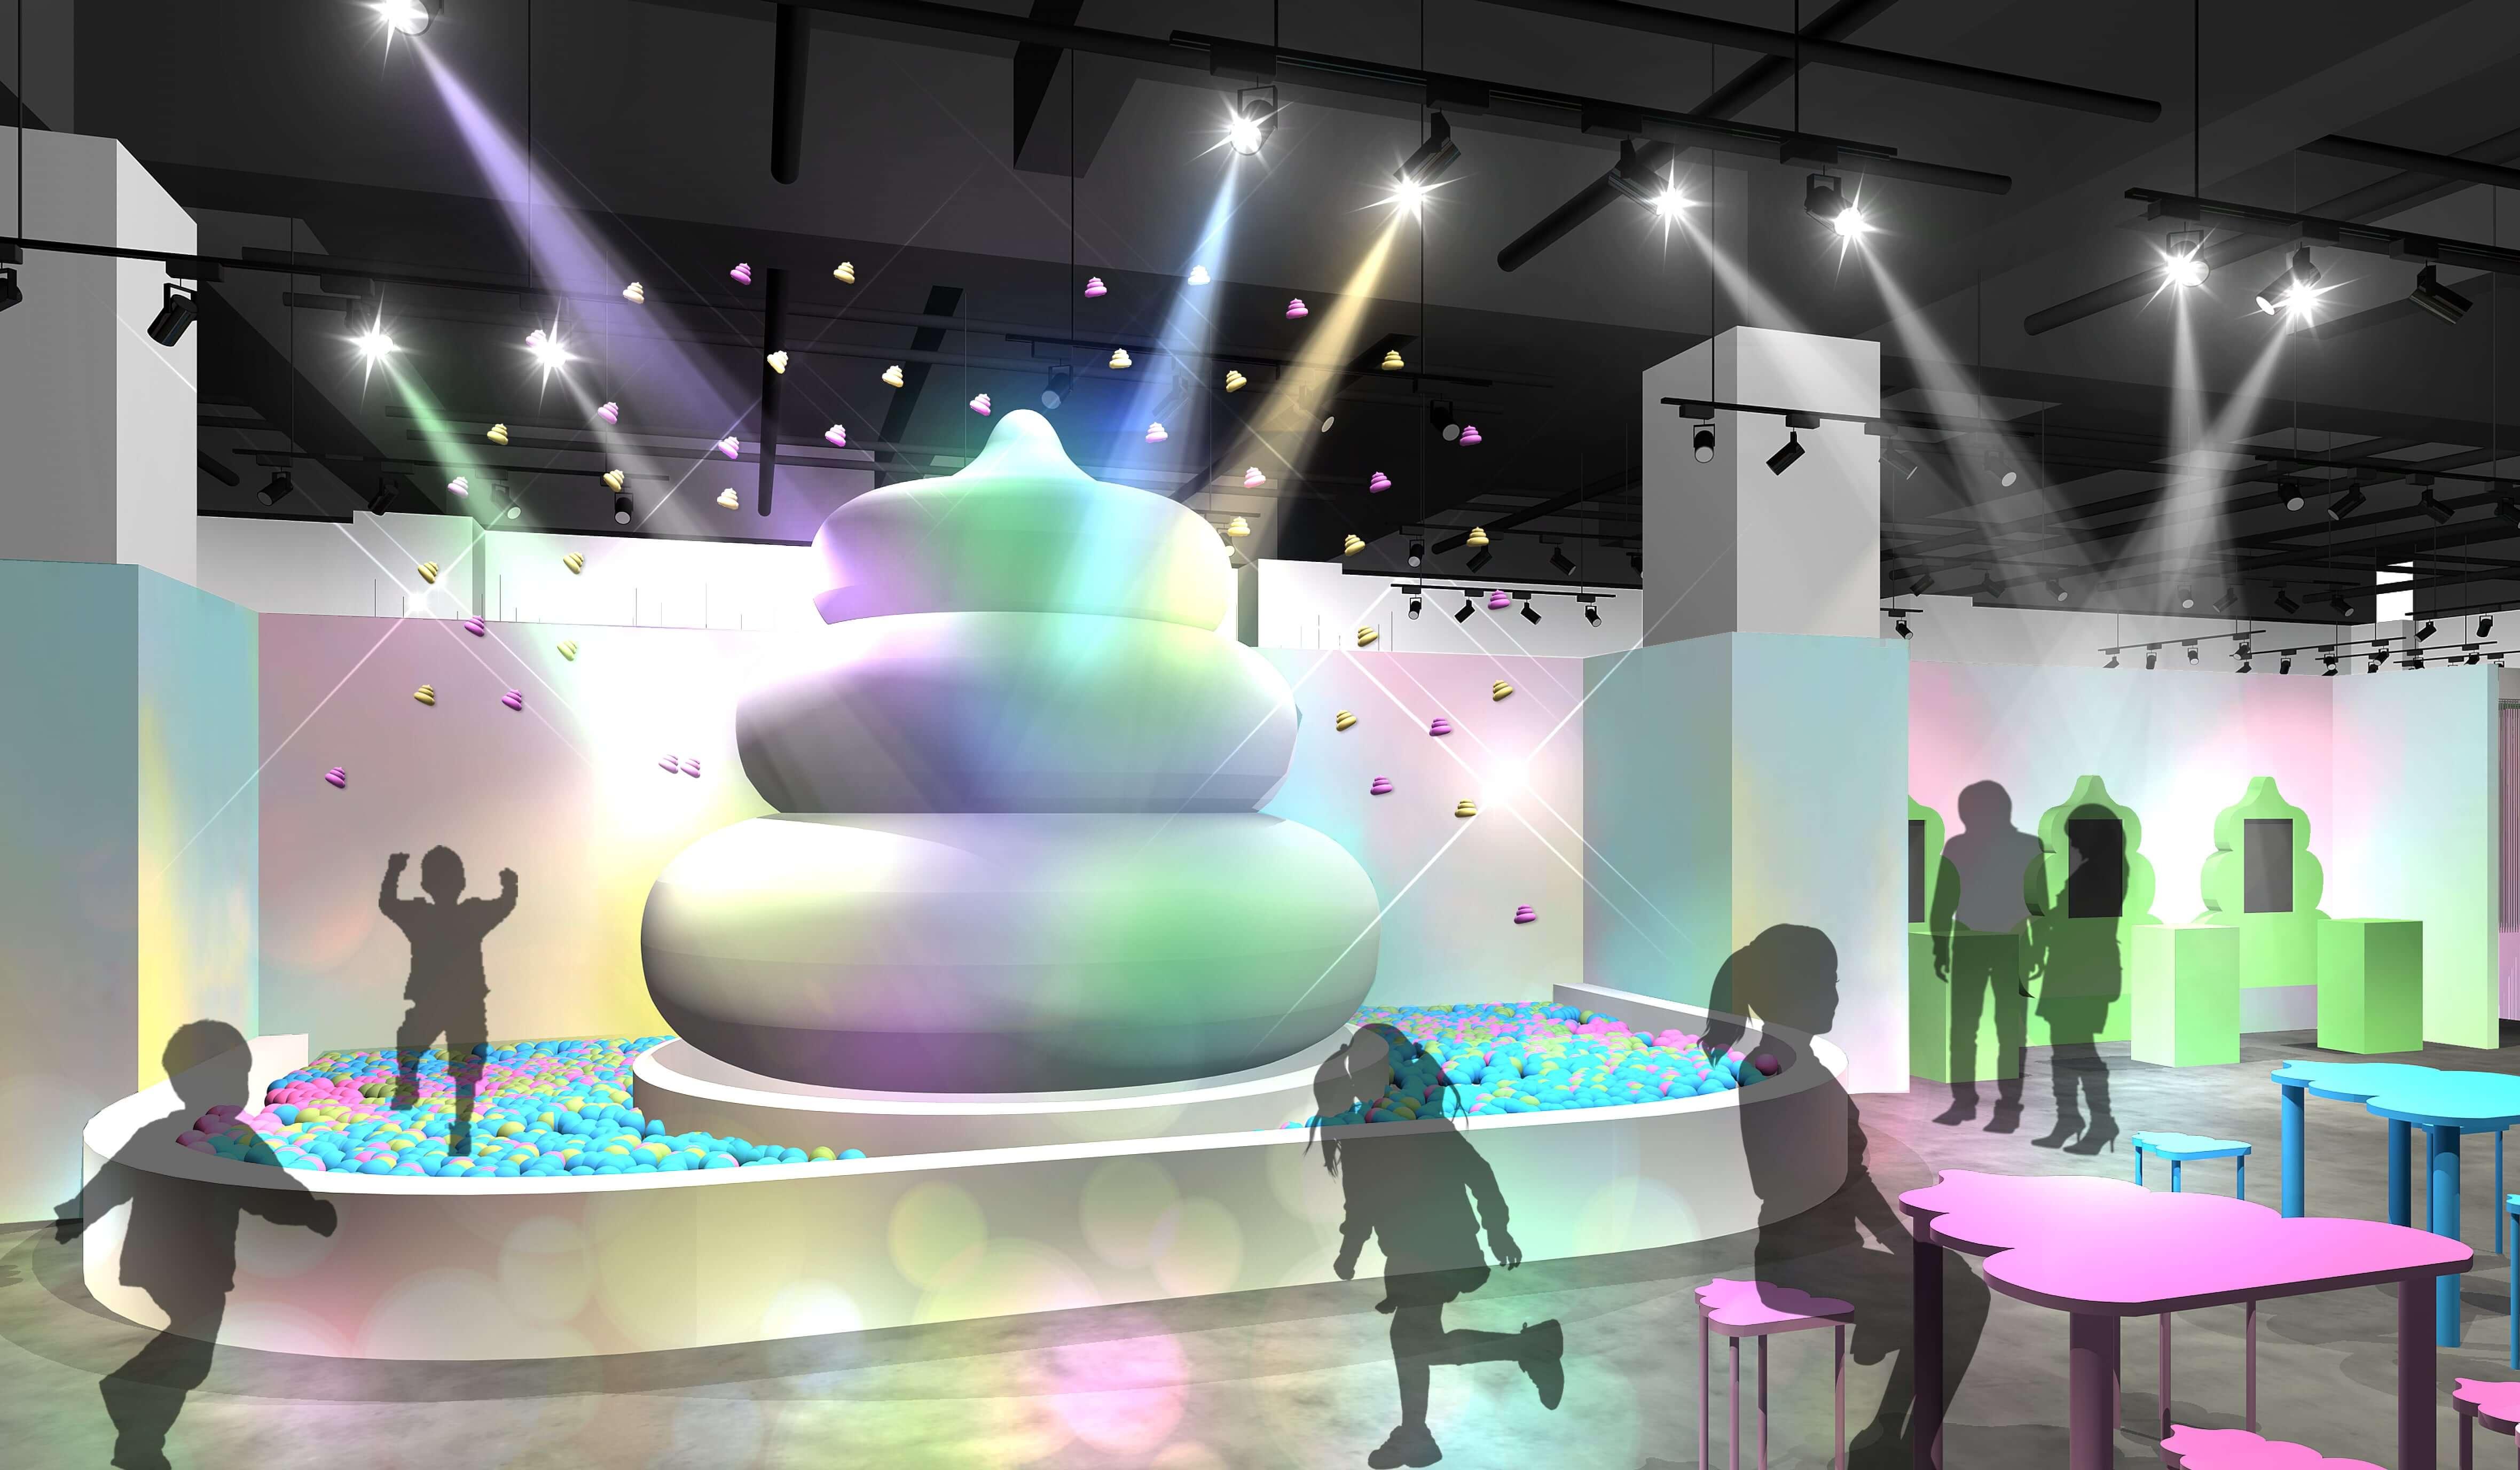 横浜駅東口に2019年春開業の複合型体験エンターテインメント施設ビル・アソビル2階「ALE,BOX(エールボックス)」内に、「うんこミュージアム  YOKOHAMA(よこはま)」